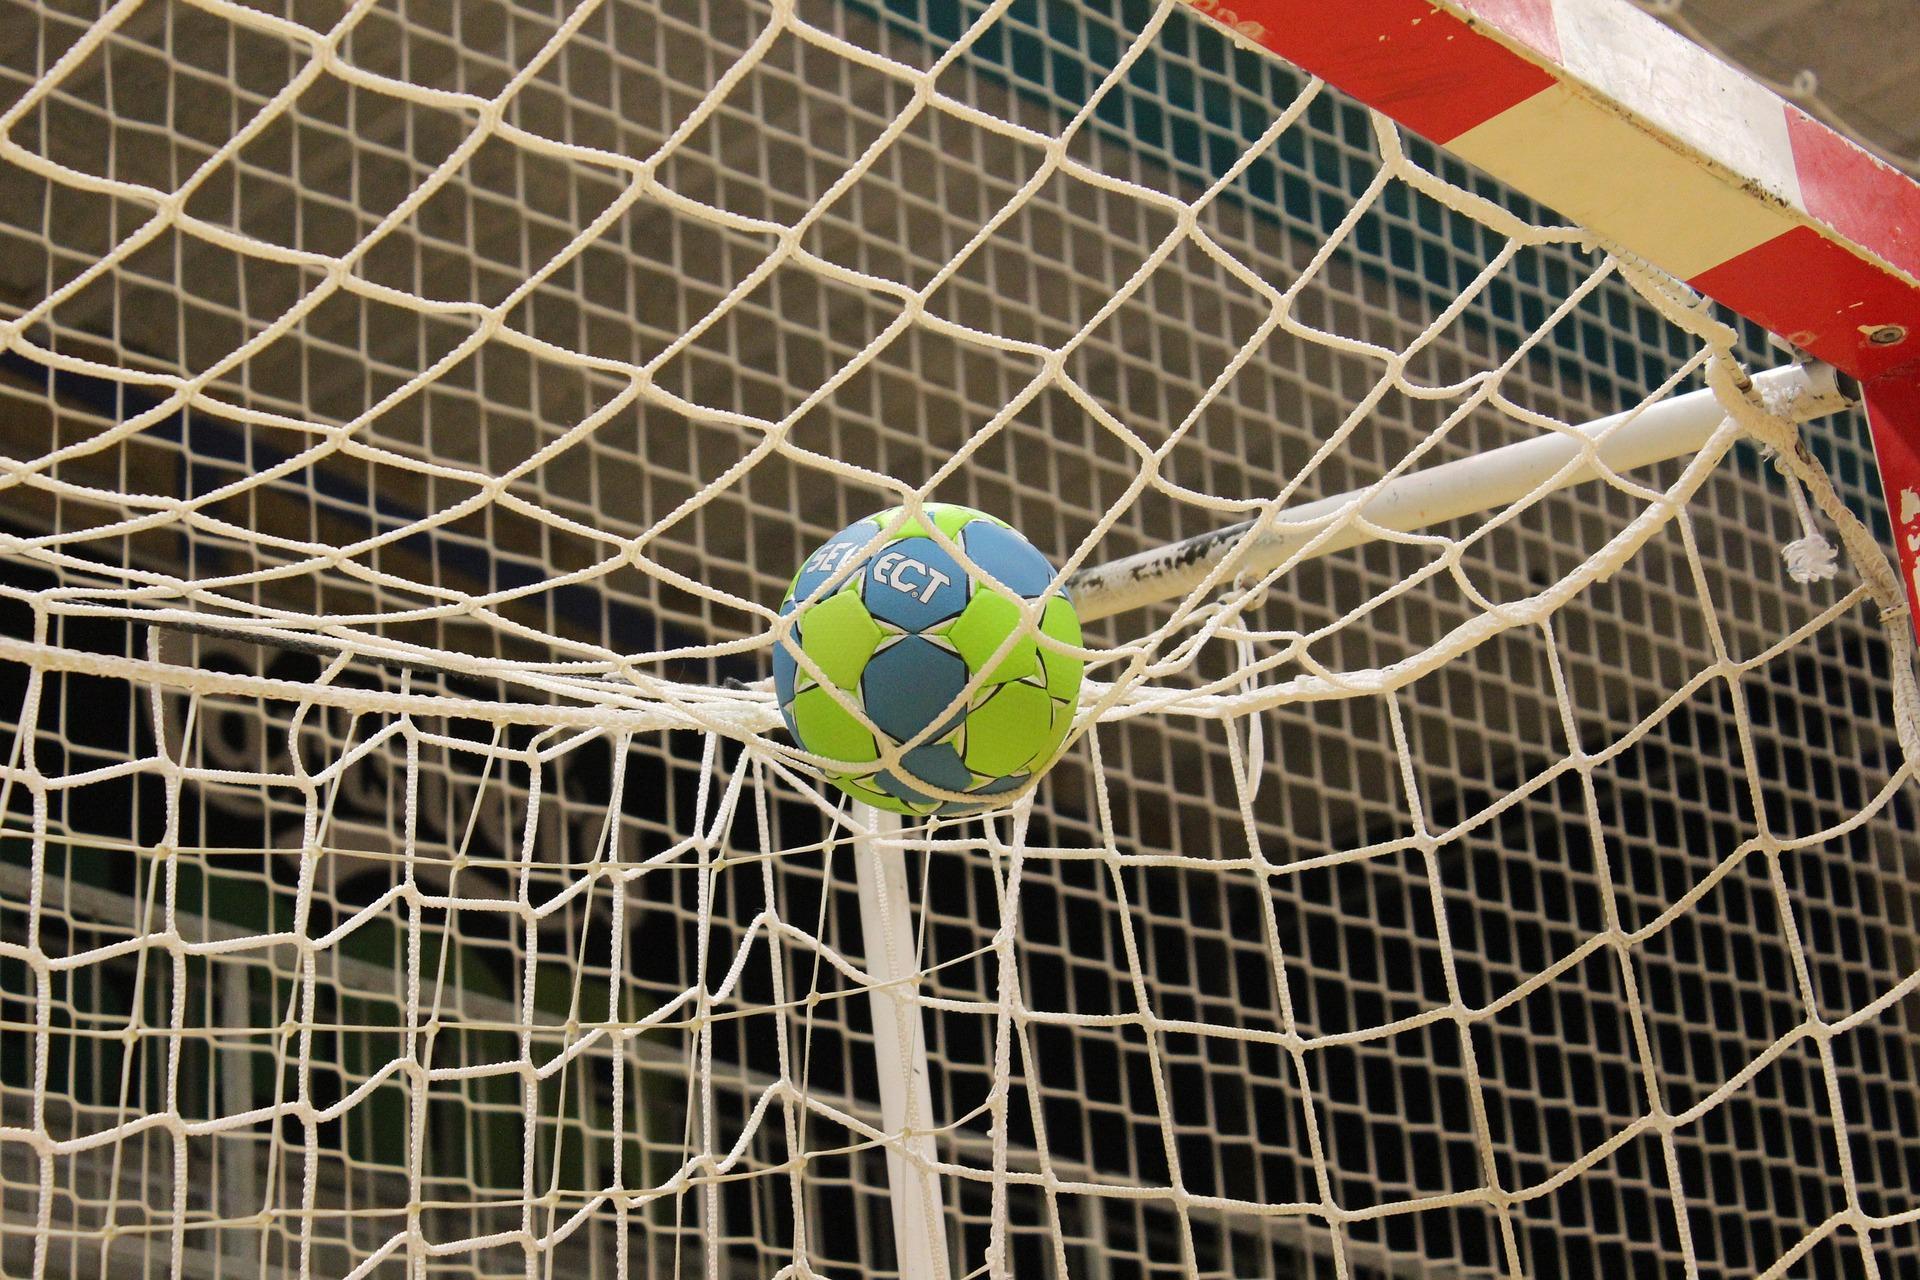 Valse start voor handballers Eemland, nieuwe combiploeg van BDC en LHV verliest debuutwedstrijd